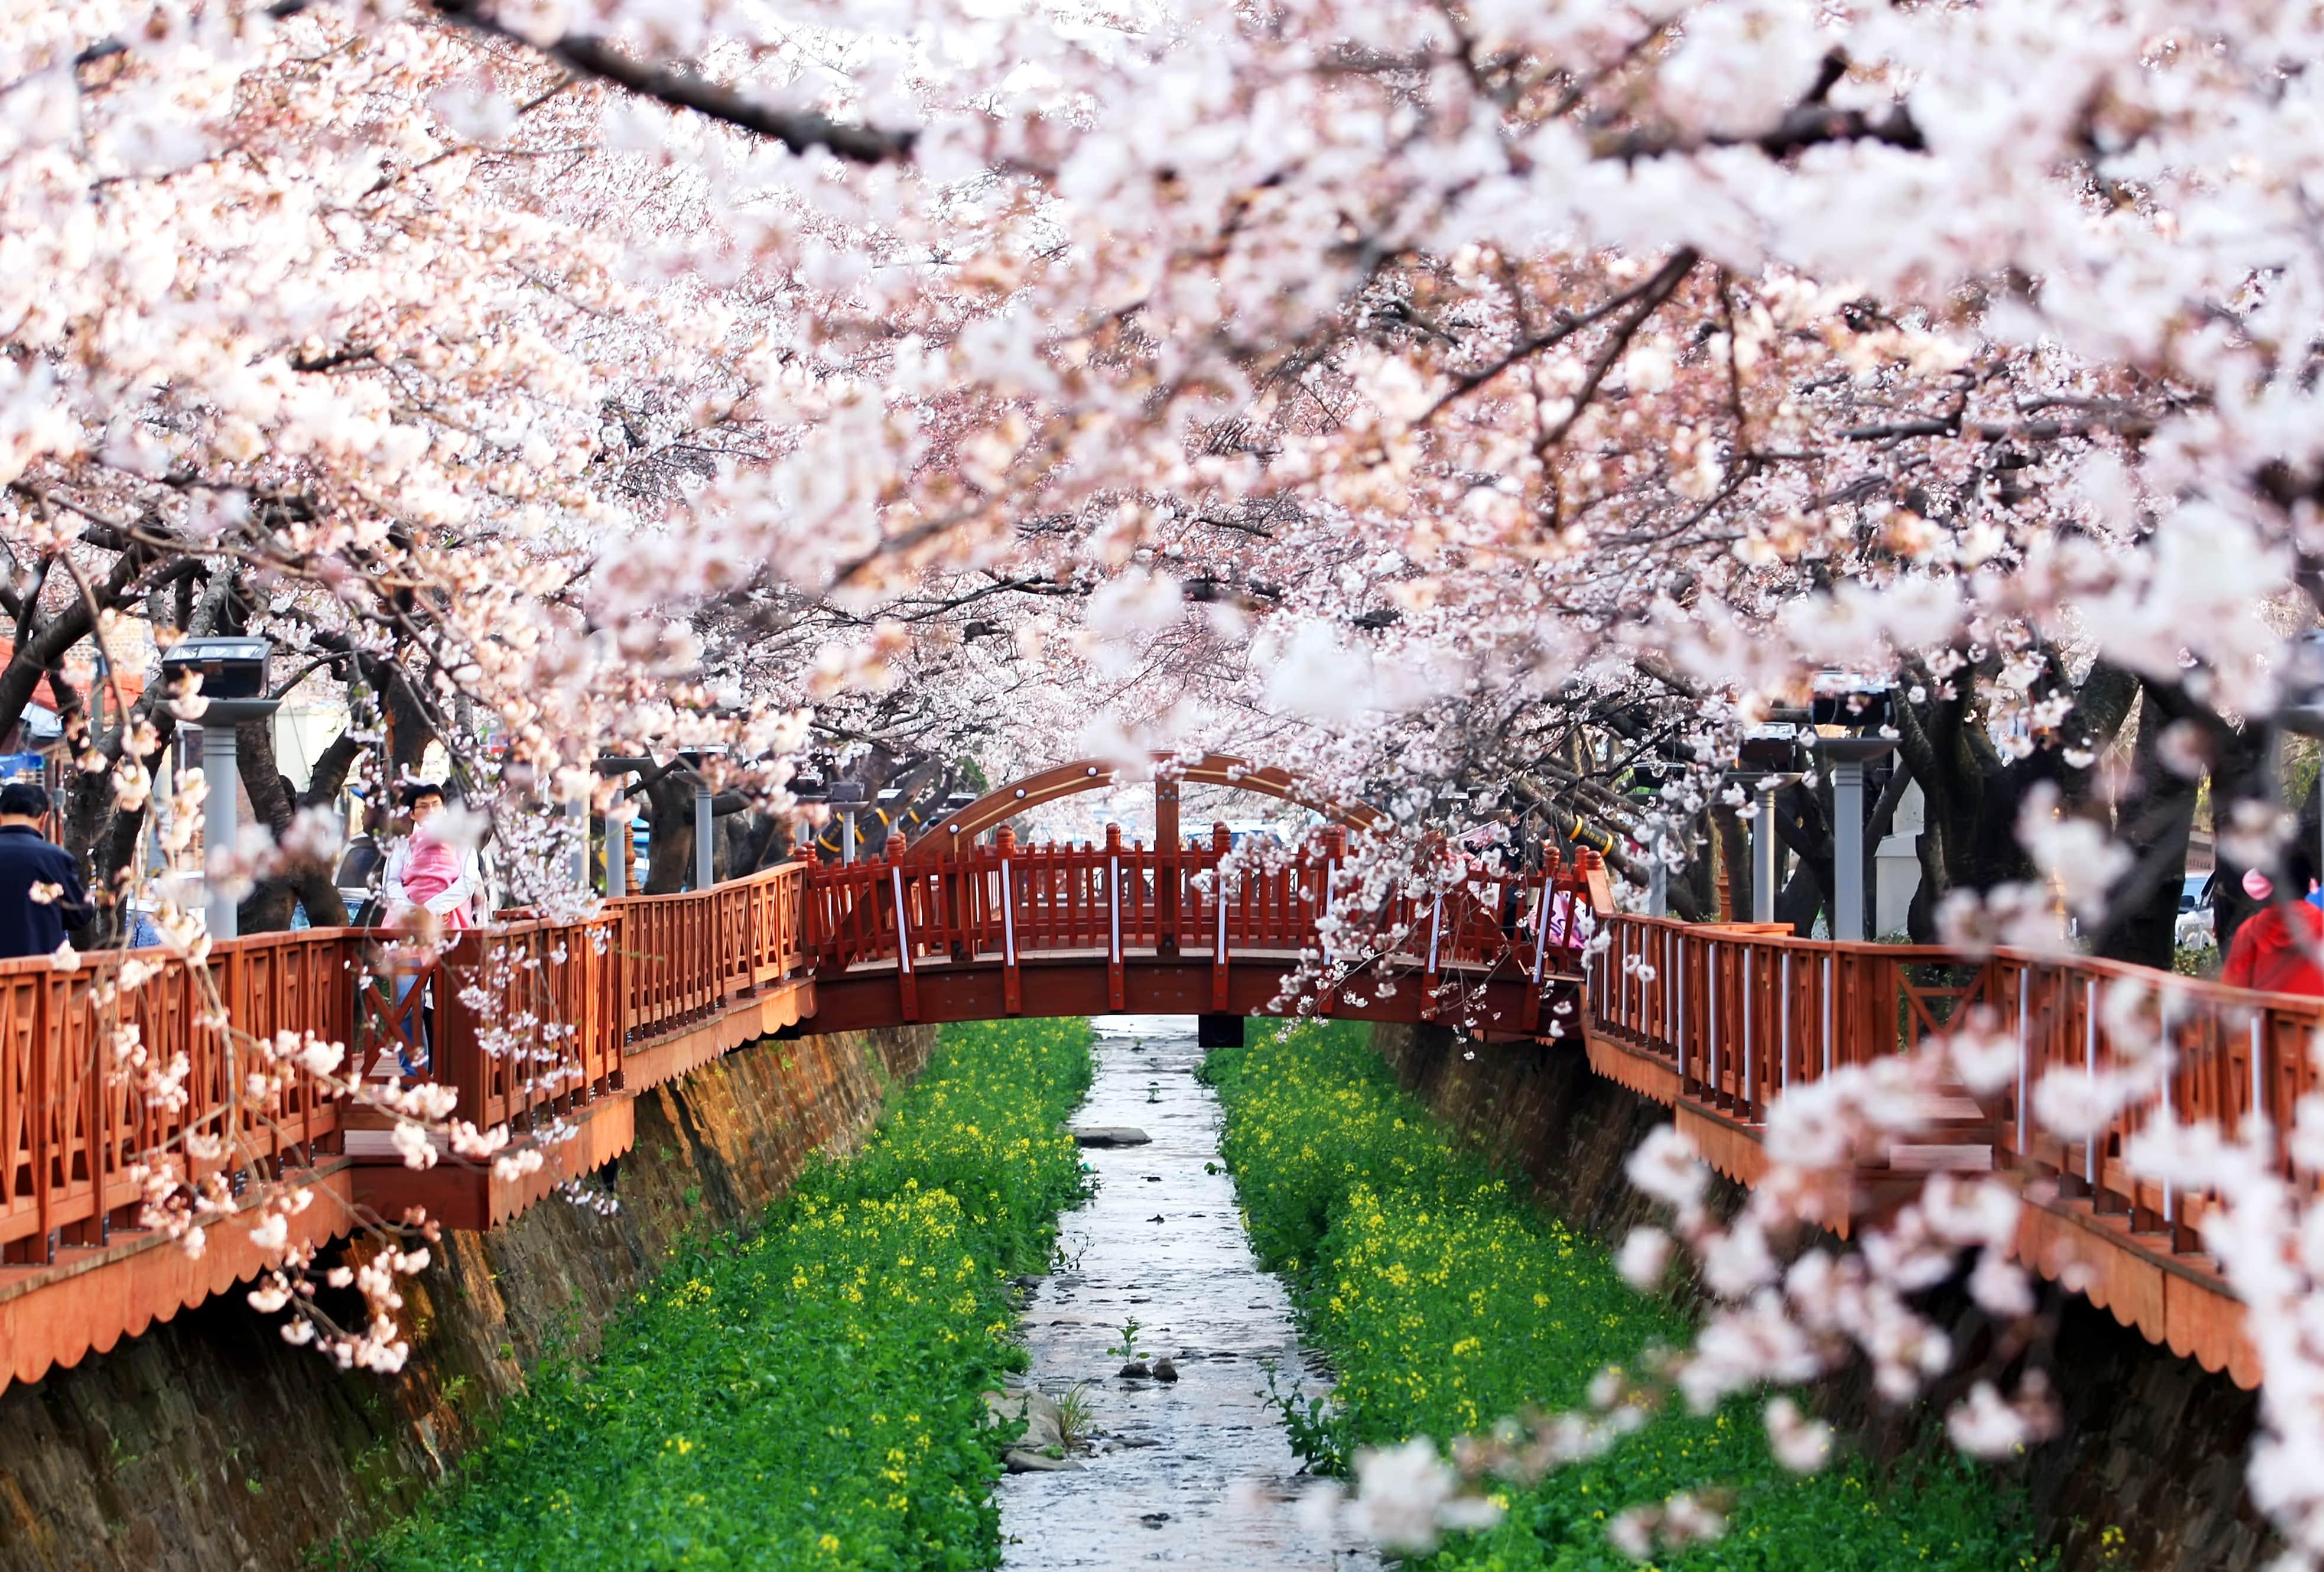 la-ciudad-de-changwon-y-el-festival-del-ce-secret-world